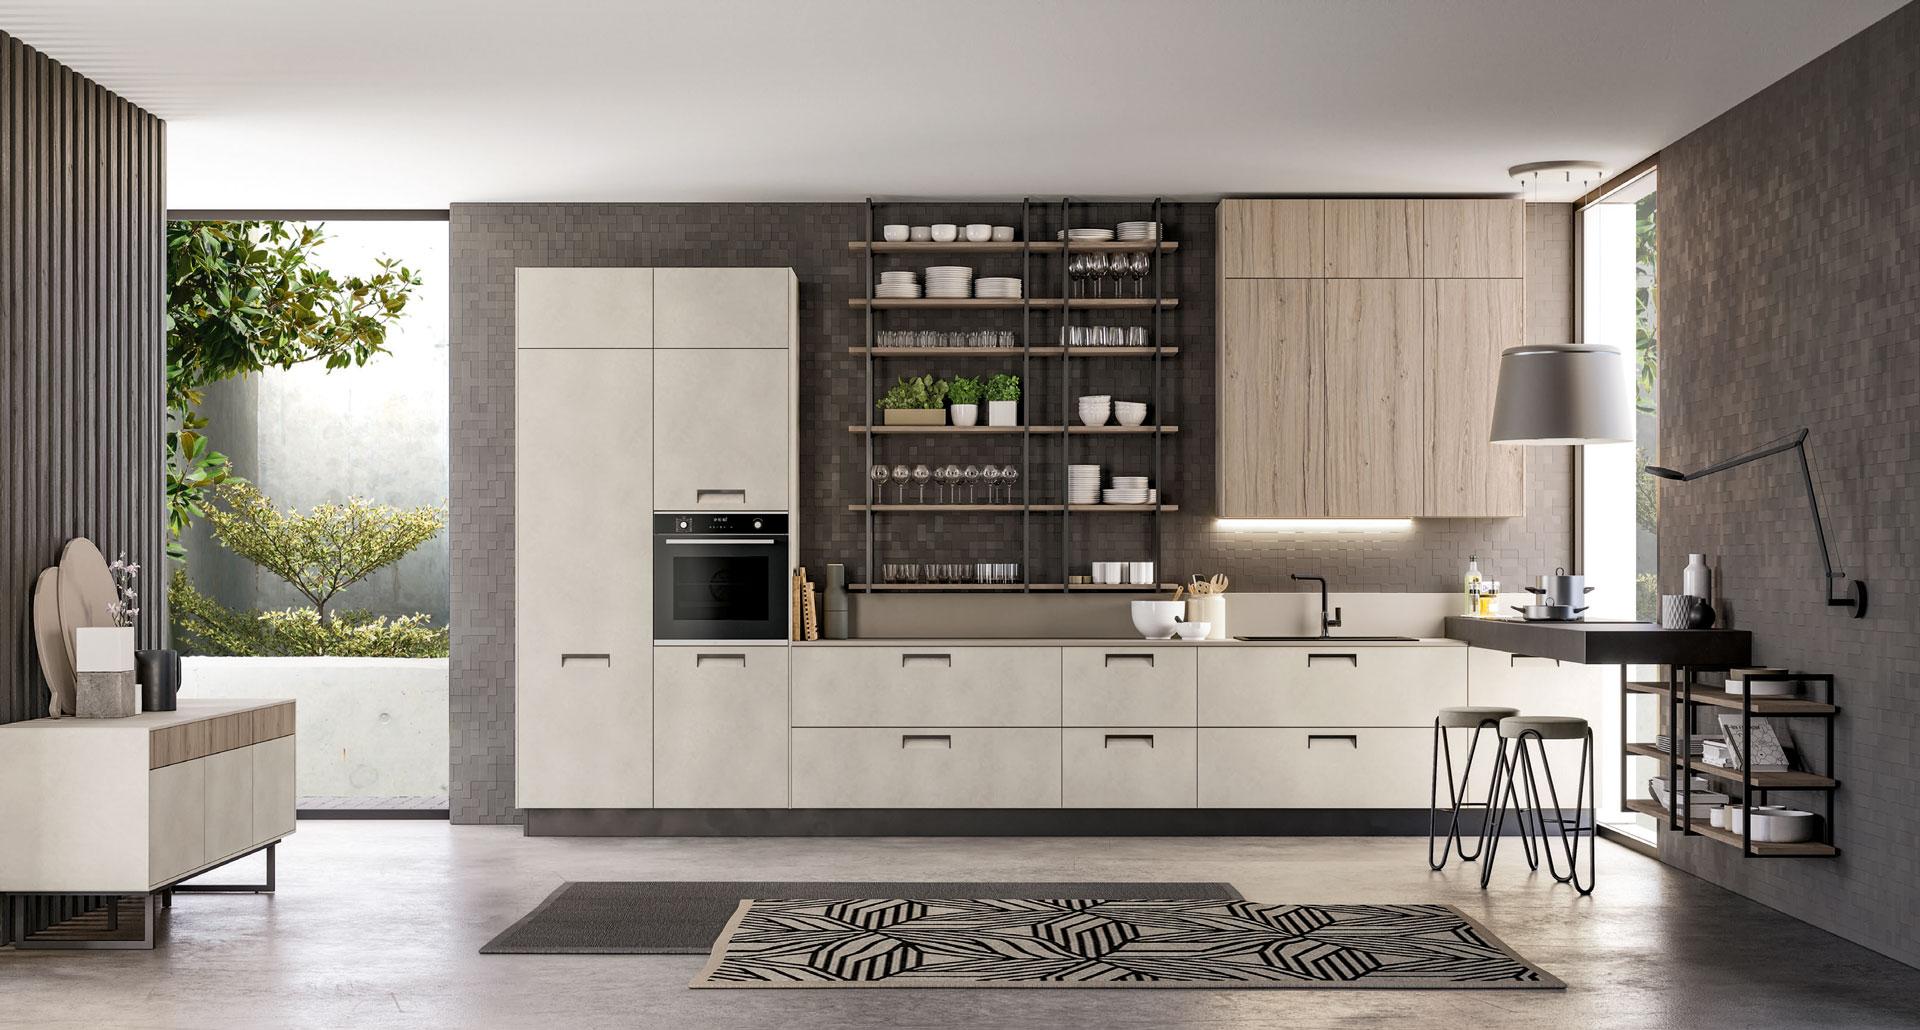 Cucine Lube Store Chieti Scalo Classiche E Moderne Arredamento